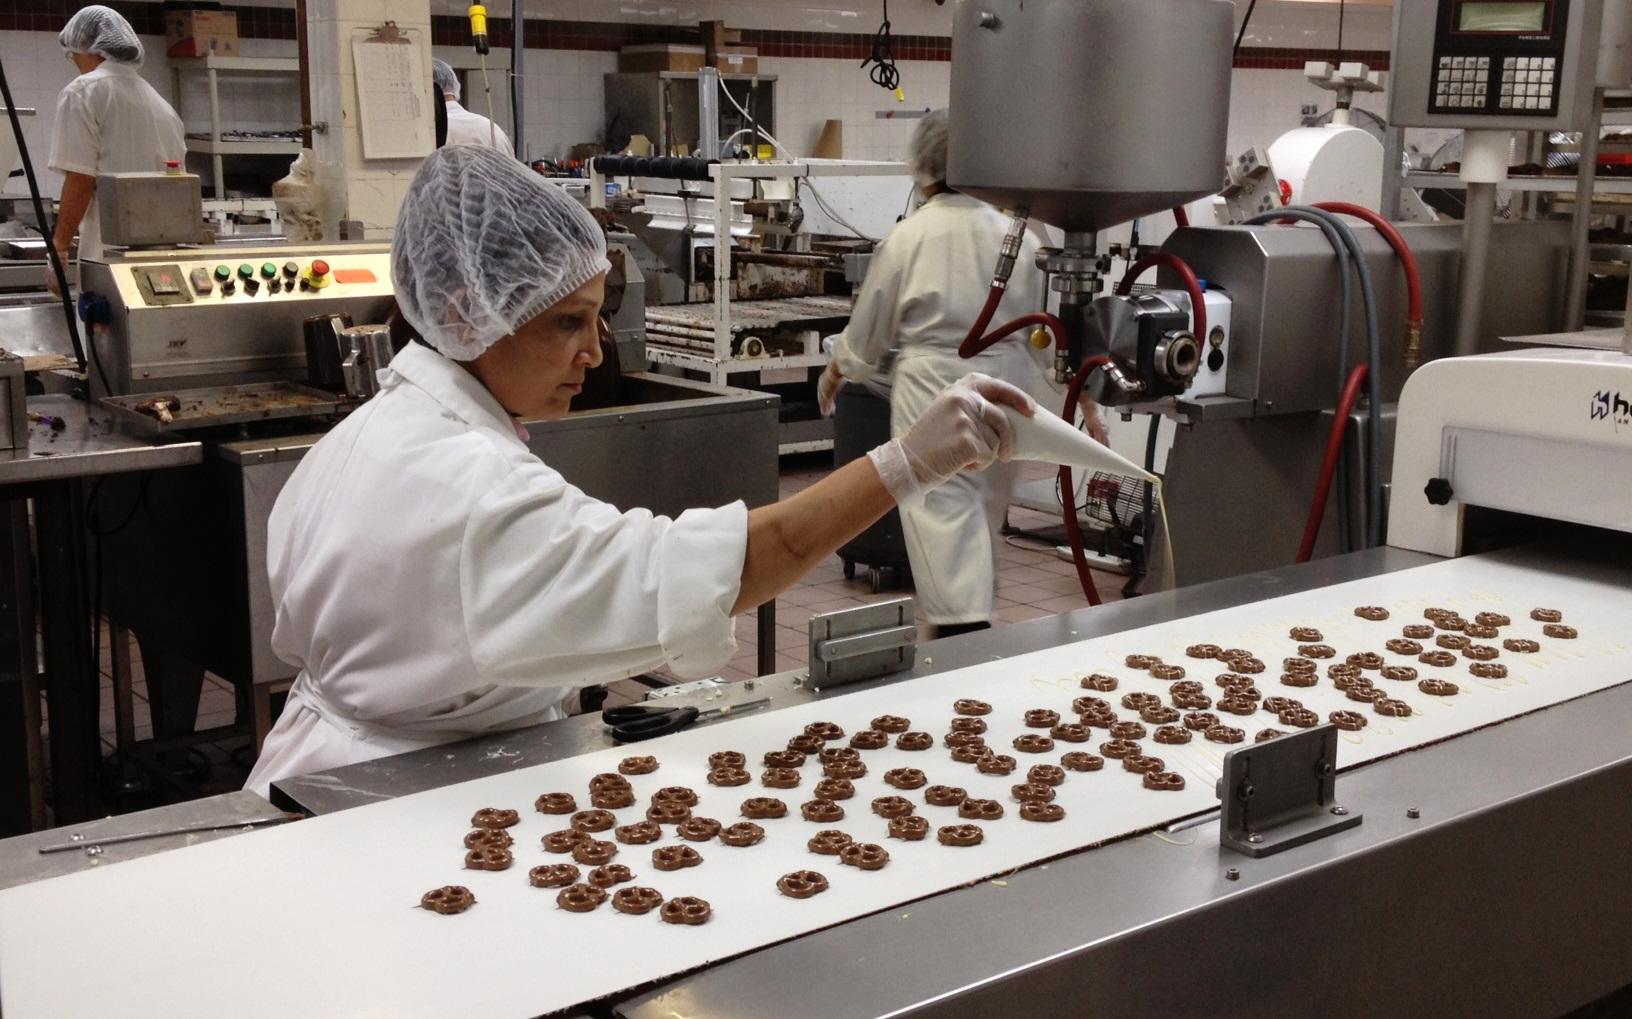 как делают шоколад фото происходит приготовление